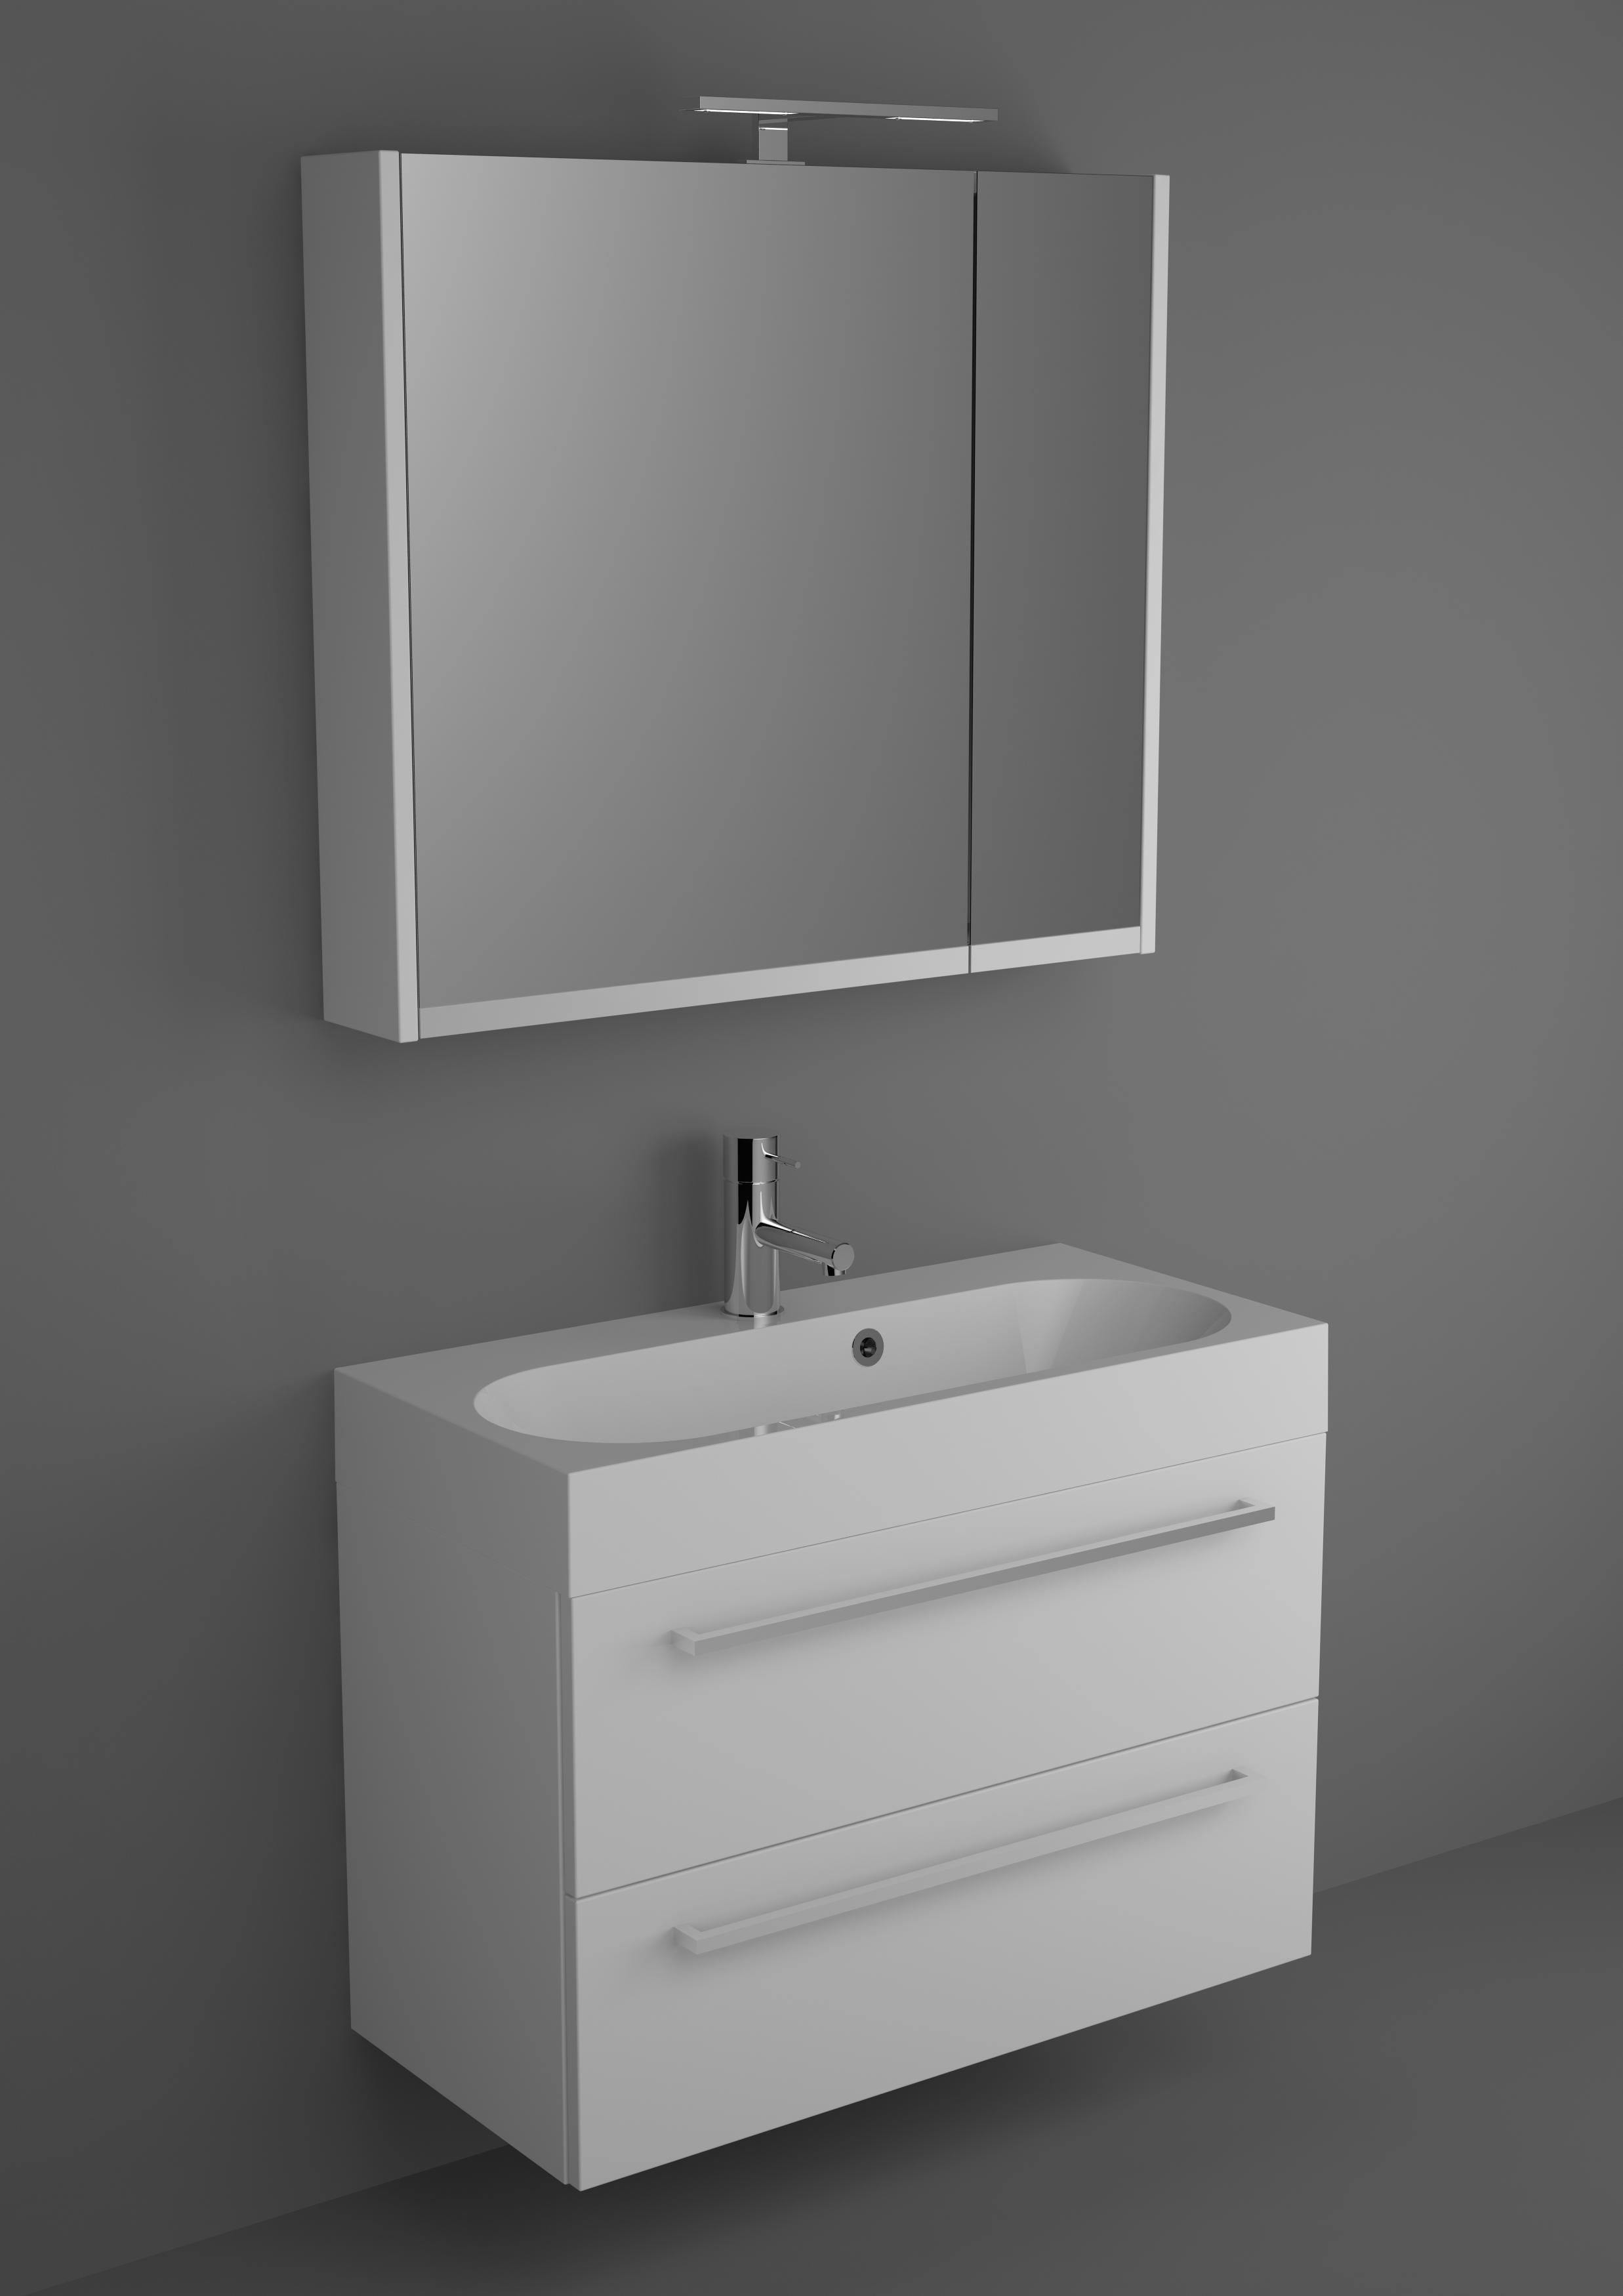 6263bf46862 Riho badkamermeubel Slimline 80cm met spiegelkast   Bad-winkel.nl